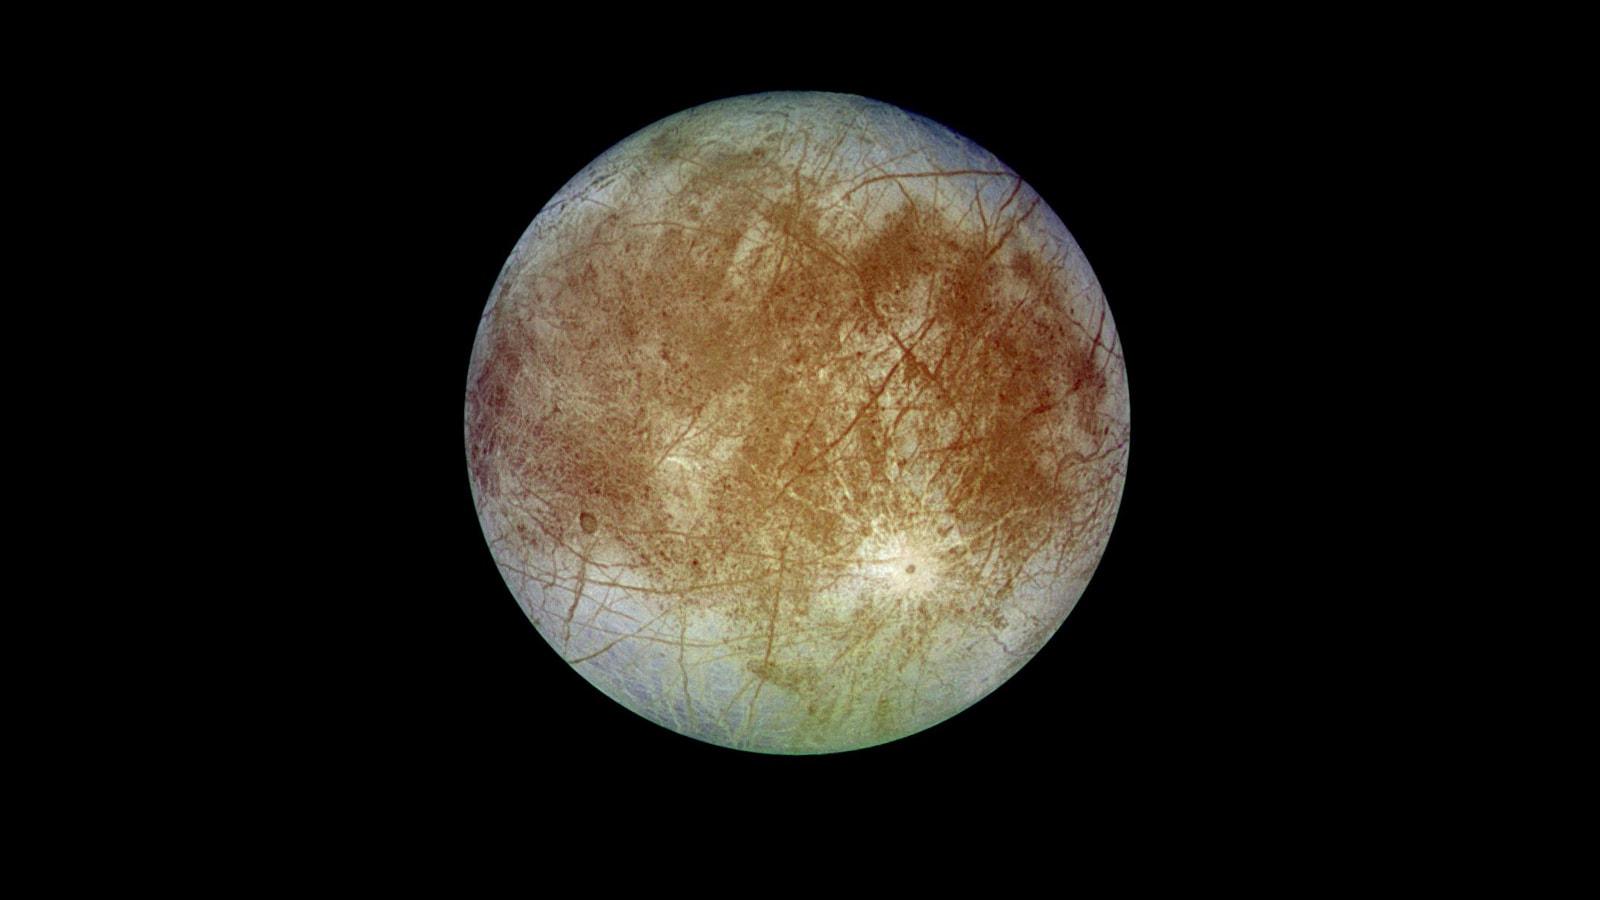 Europa: గ్రహాల్లో పెద్ద గ్రహమైన గురుగ్రహం (Jupiter)కి ఉపగ్రహం ఈ యూరోపా. జూపిటర్కి ఉండే నాలుగు పెద్ద గ్రహాల్లో ఇదొకటి. దీన్ని 1610లో గెలీలియో గెలీలీ కనిపెట్టాడు. ఇది చందమామ కంటే కాస్త చిన్నగా ఉంటుంది. ఇది 3.5 రోజులకు ఓసారి జూపిటర్ చుట్టూ తిరుగుతుంది. ఈ గ్రహంపై ఆల్రెడీ జీవం ఉందని నాసా నమ్ముతోంది. ఎందుకంటే... ఇది అచ్చం భూమి లాంటి లక్షణాలతోనే ఉంది. గ్రహ ఉపరితలం మొత్తం మంచుతో ఉంది. అదంతా నీరే. ఈ మంచులోపల నీటి సముద్రం ఉండొచ్చని భావిస్తున్నారు శాస్త్రవేత్తలు. ఆ సముద్రంలో జీవులు ఉండి ఉండొచ్చనే అంచనా ఉంది. ఆ దిశగా పరిశోధనలు జరుగుతున్నాయి. (image credit - NASA)